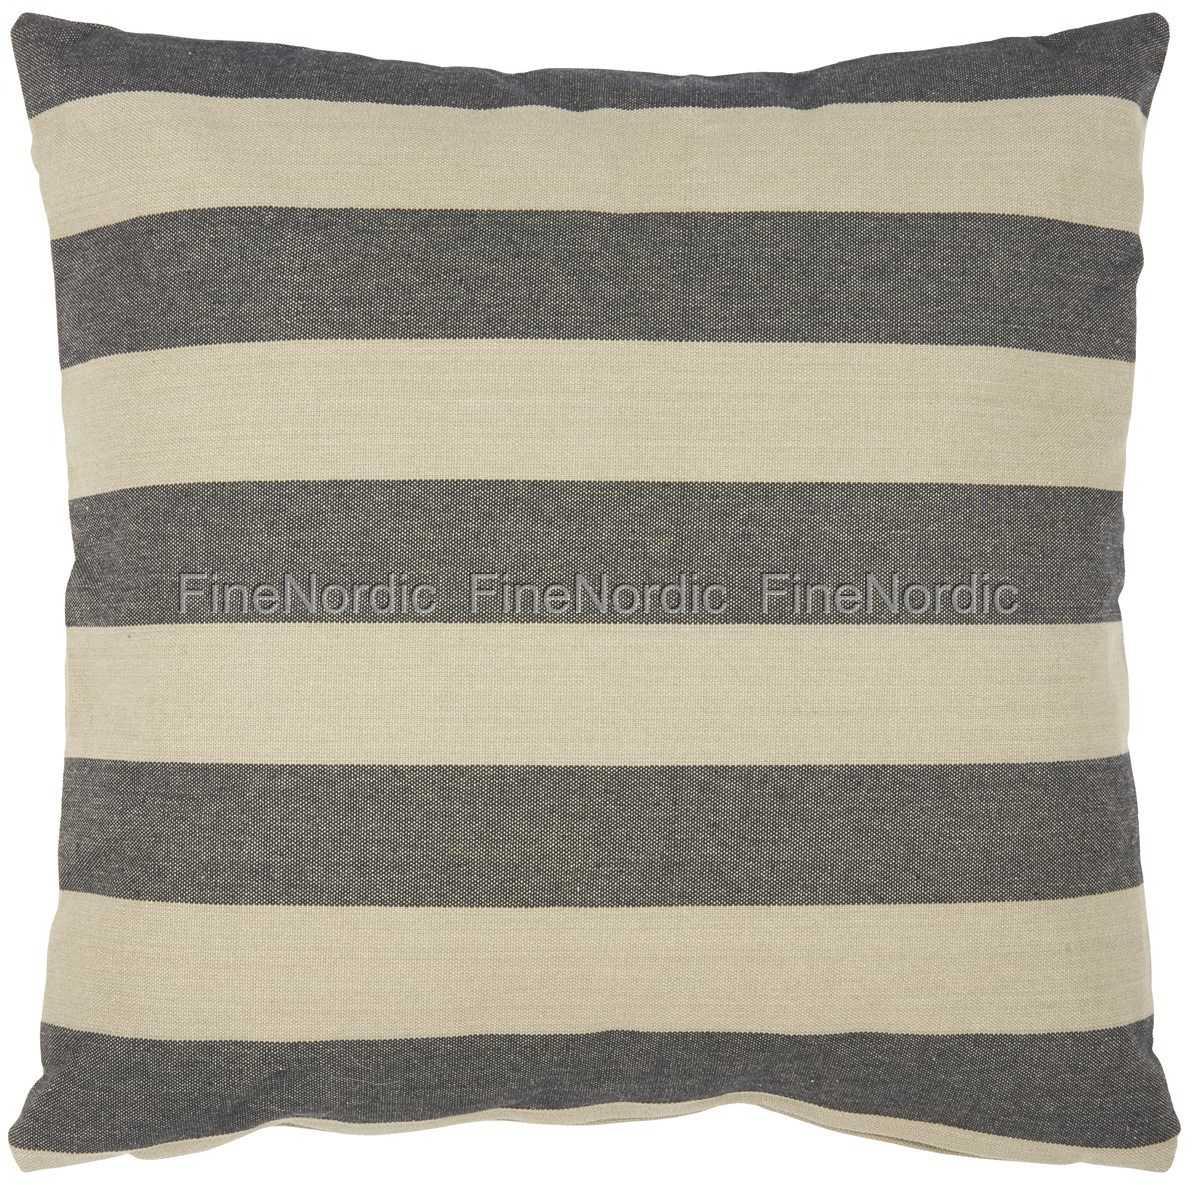 ib laursen kissenbezug breite schwarze streifen 50 x 50 cm. Black Bedroom Furniture Sets. Home Design Ideas